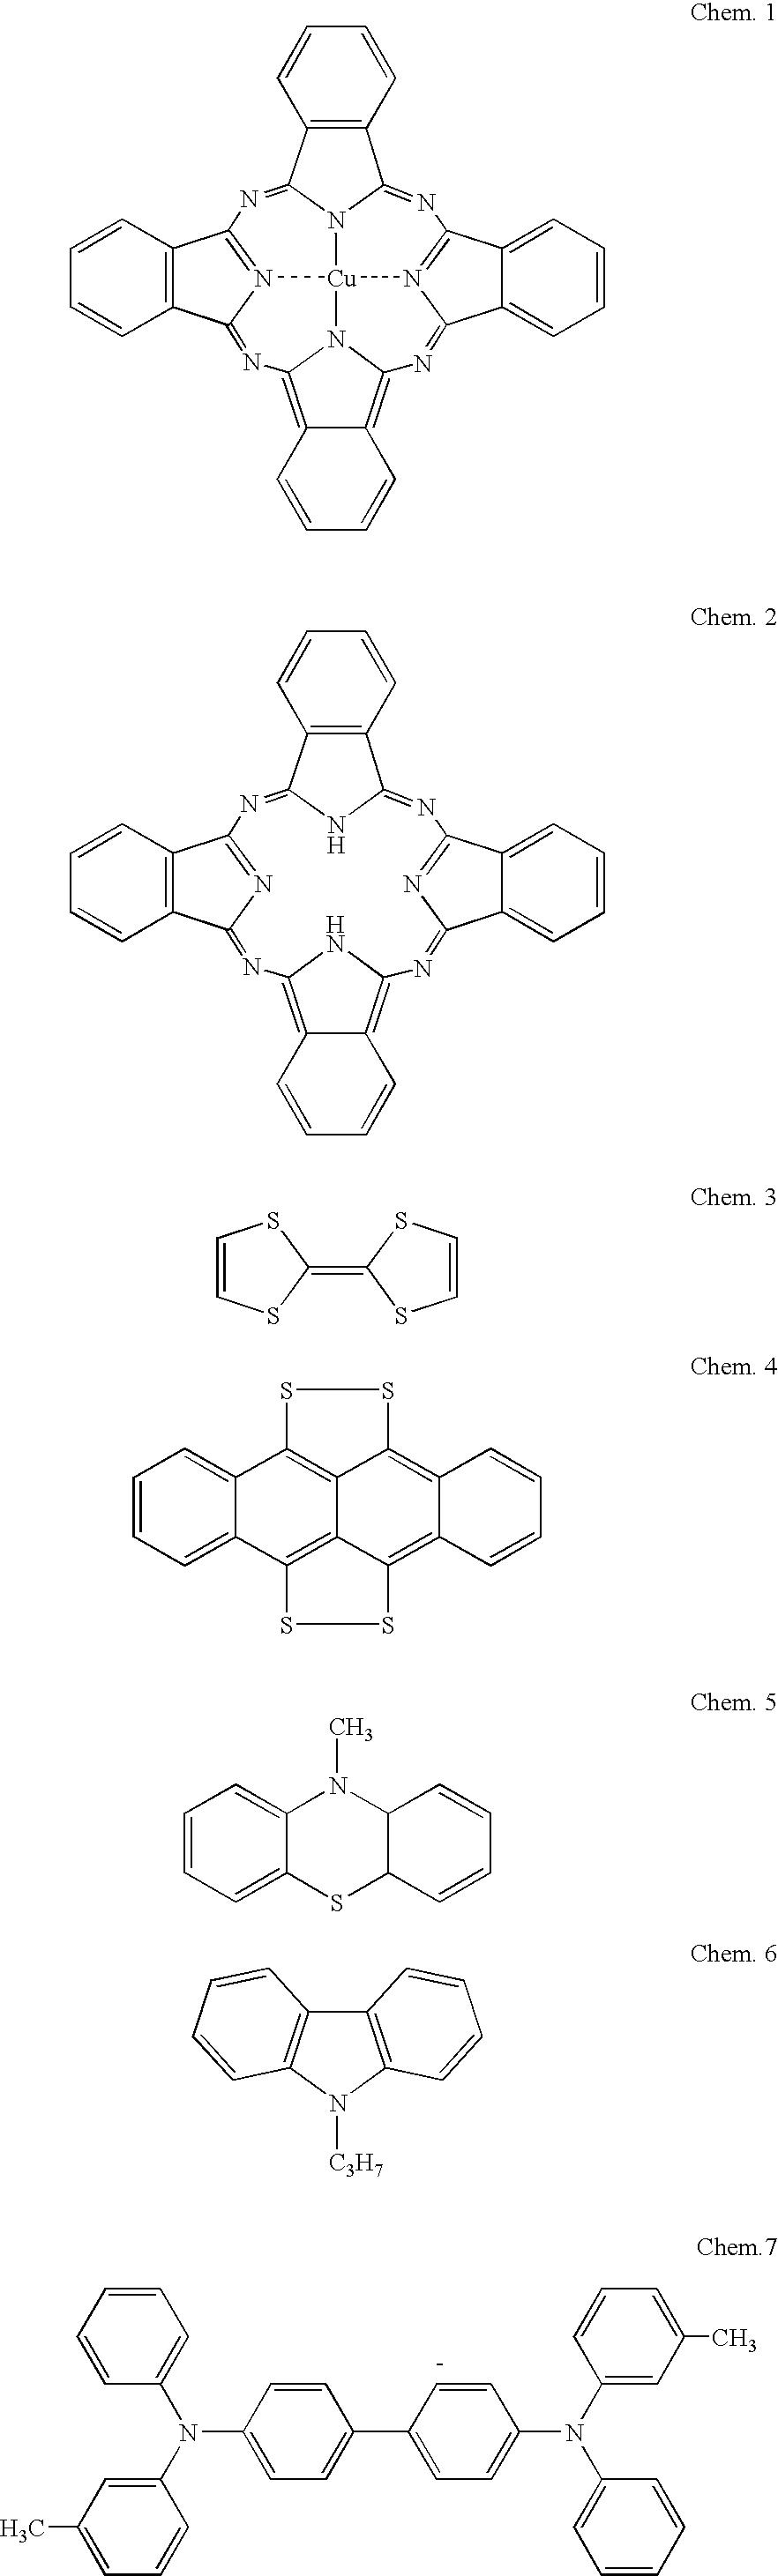 Figure US07420203-20080902-C00001